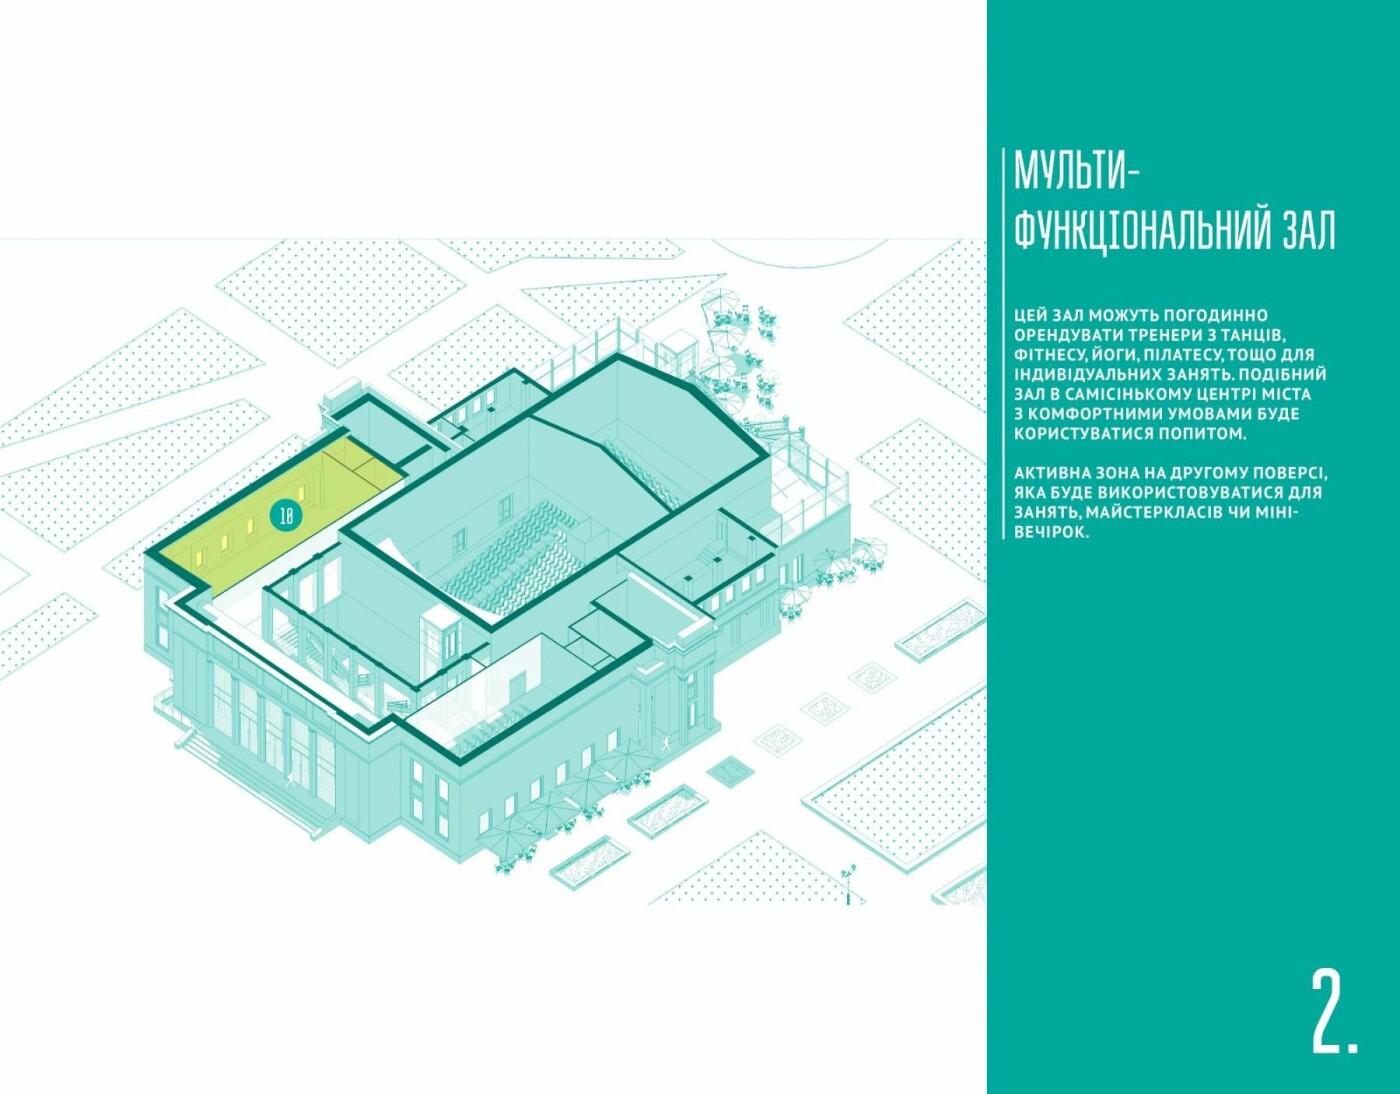 Концепція розвитку: яким буде кінотеатр Шевченка в майбутньому, фото-19